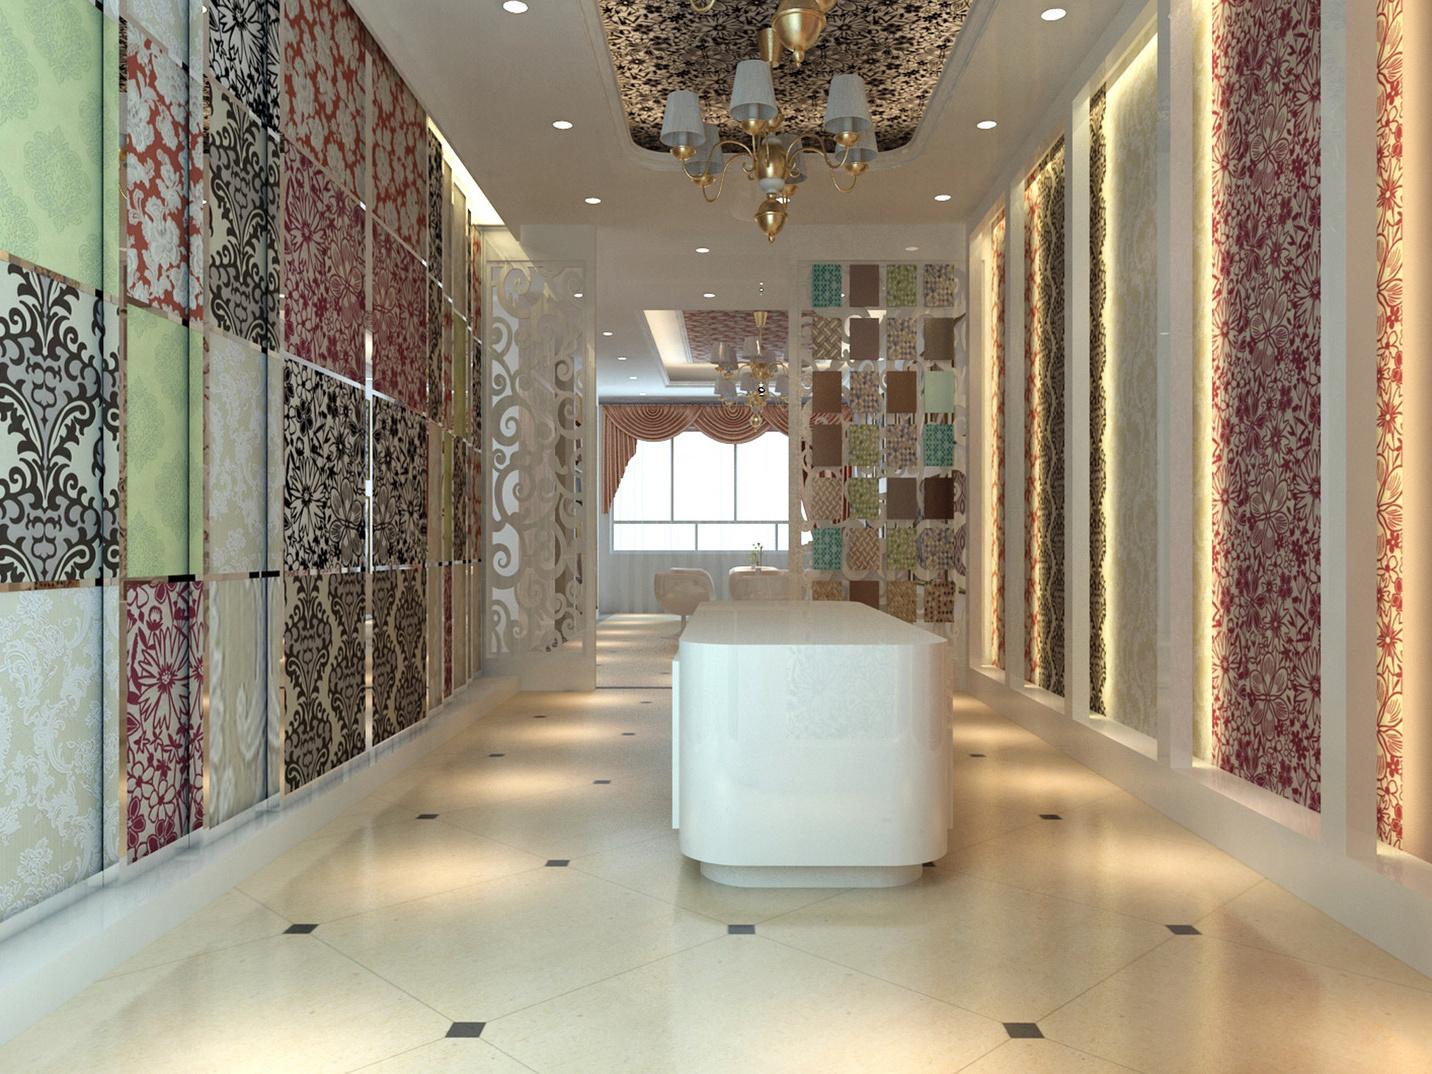 杭州瓷砖质量怎么样?瓷砖有哪些类型?